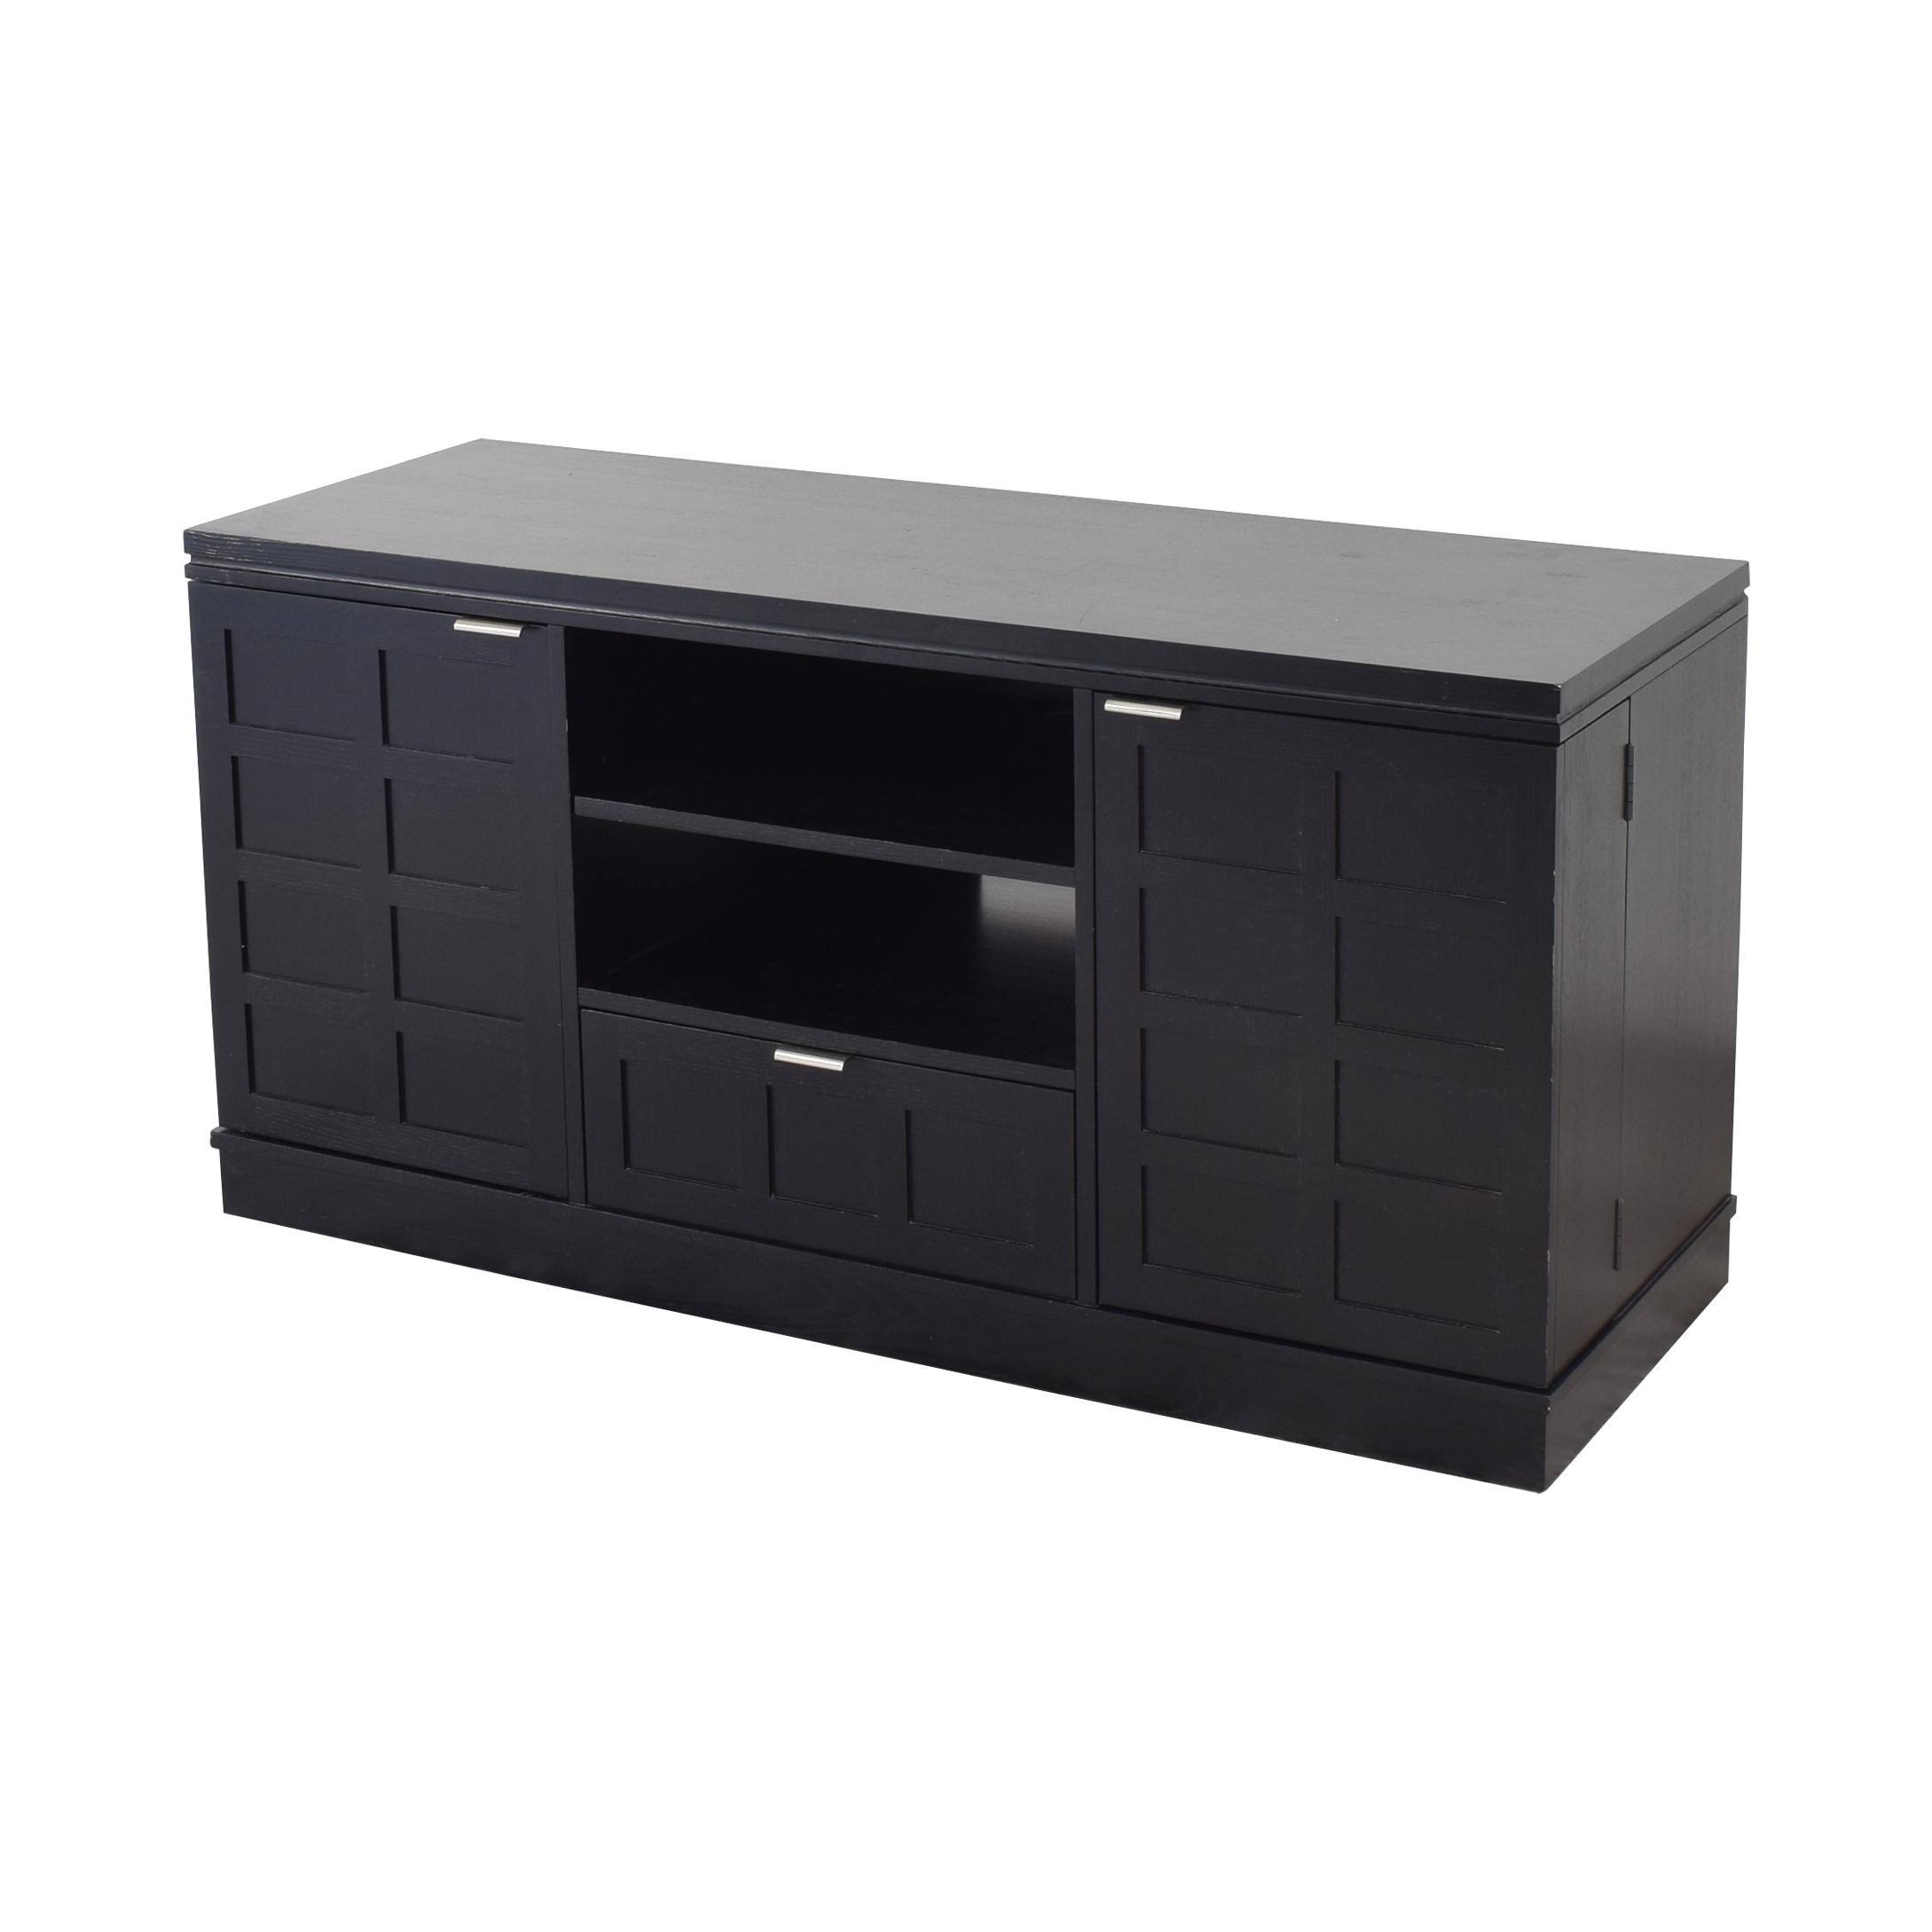 Crate & Barrel Crate & Barrel Wood Media Console ct